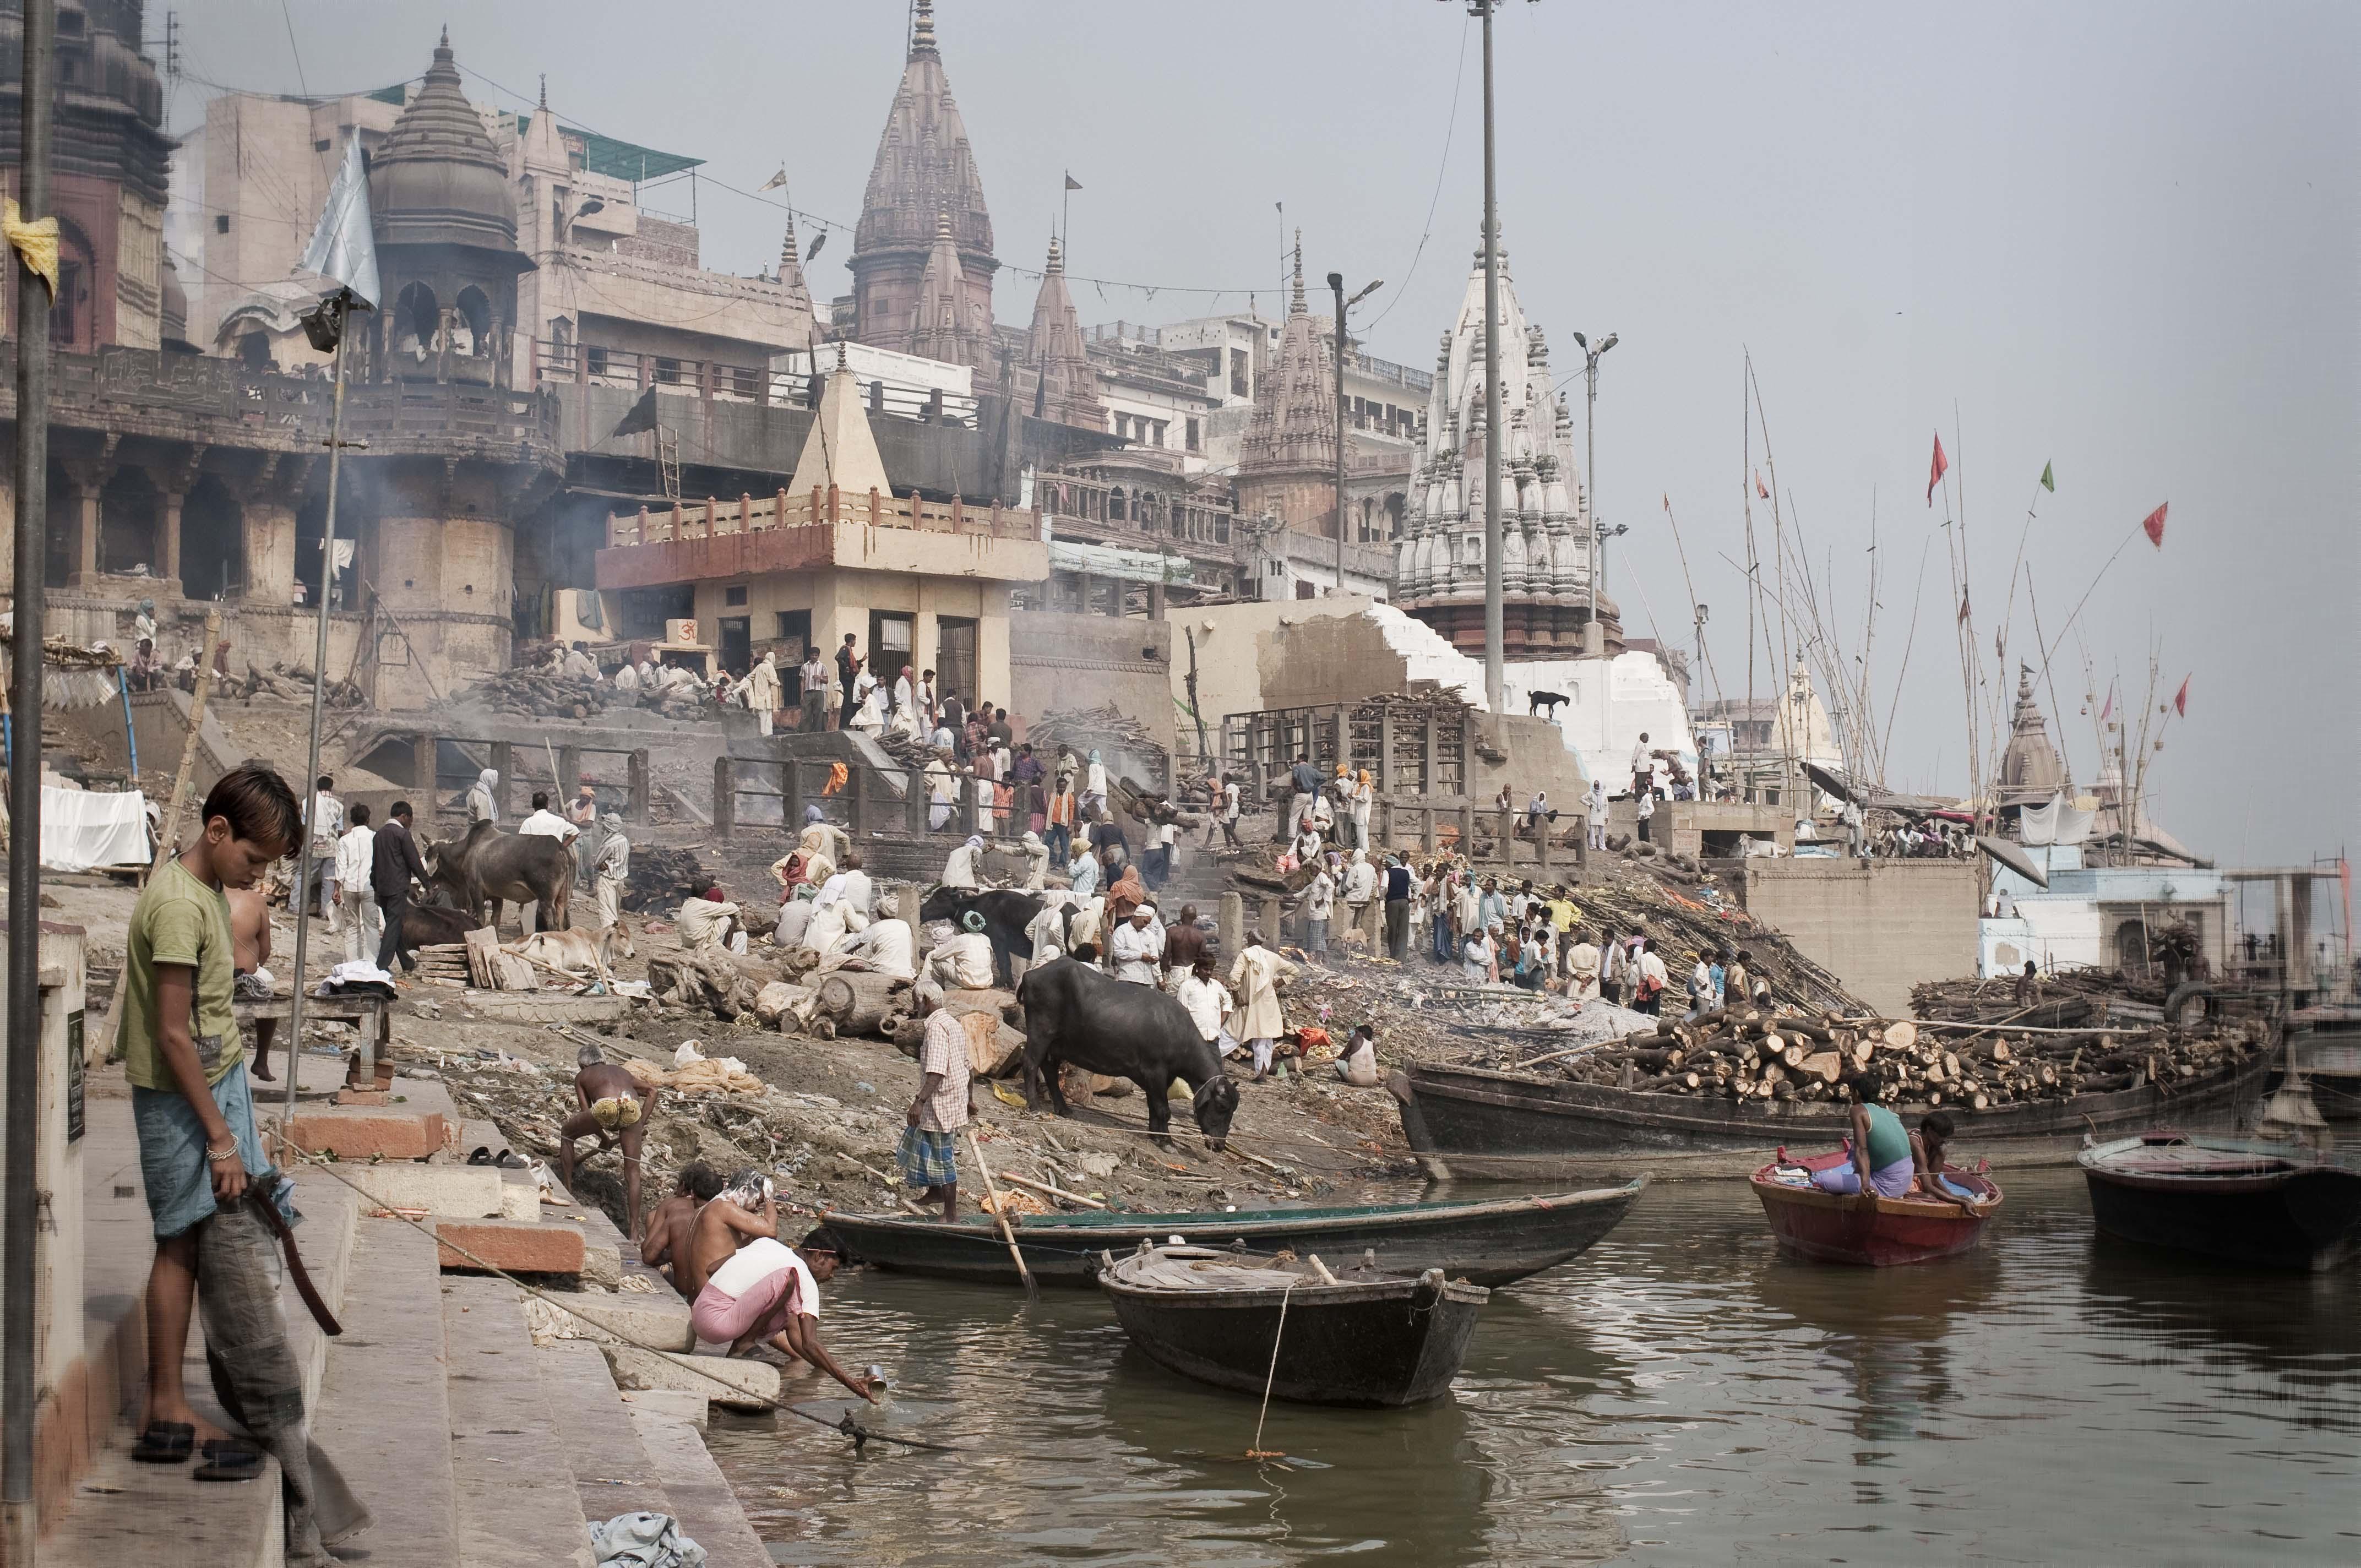 Die Manikarnika Ghat in Varanasi. An dieser Ghat werden Leichen von Verstorbenen verbrannt und anschliessend die Asche in den Ganges geschüttet. Für die Hindus ist der Ganges heilig. Varanasi, India